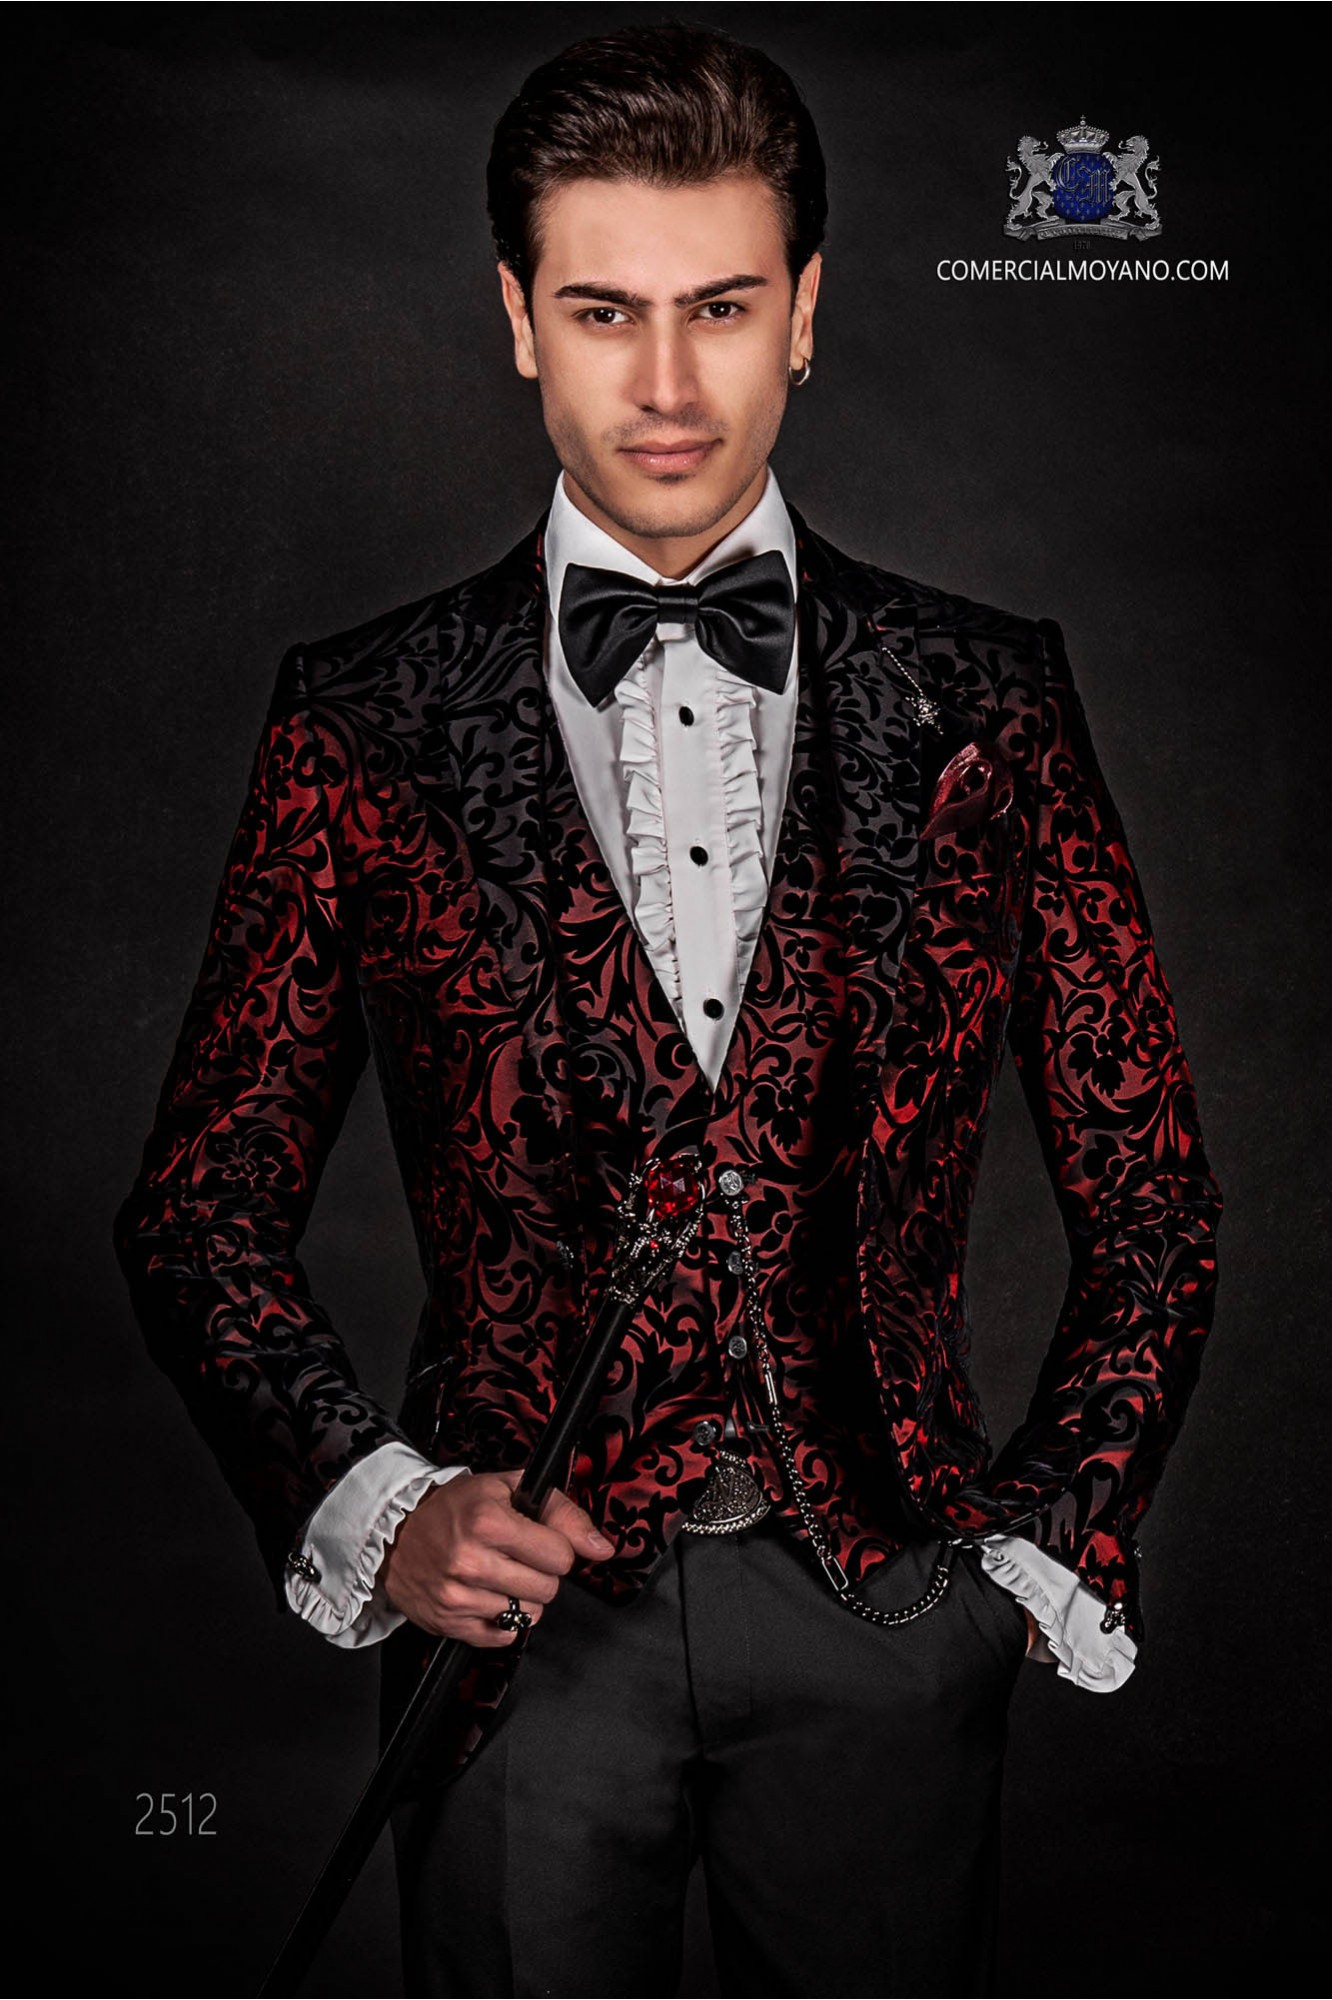 Traje de moda italiano rojo de terciopelo con especial diseño negro